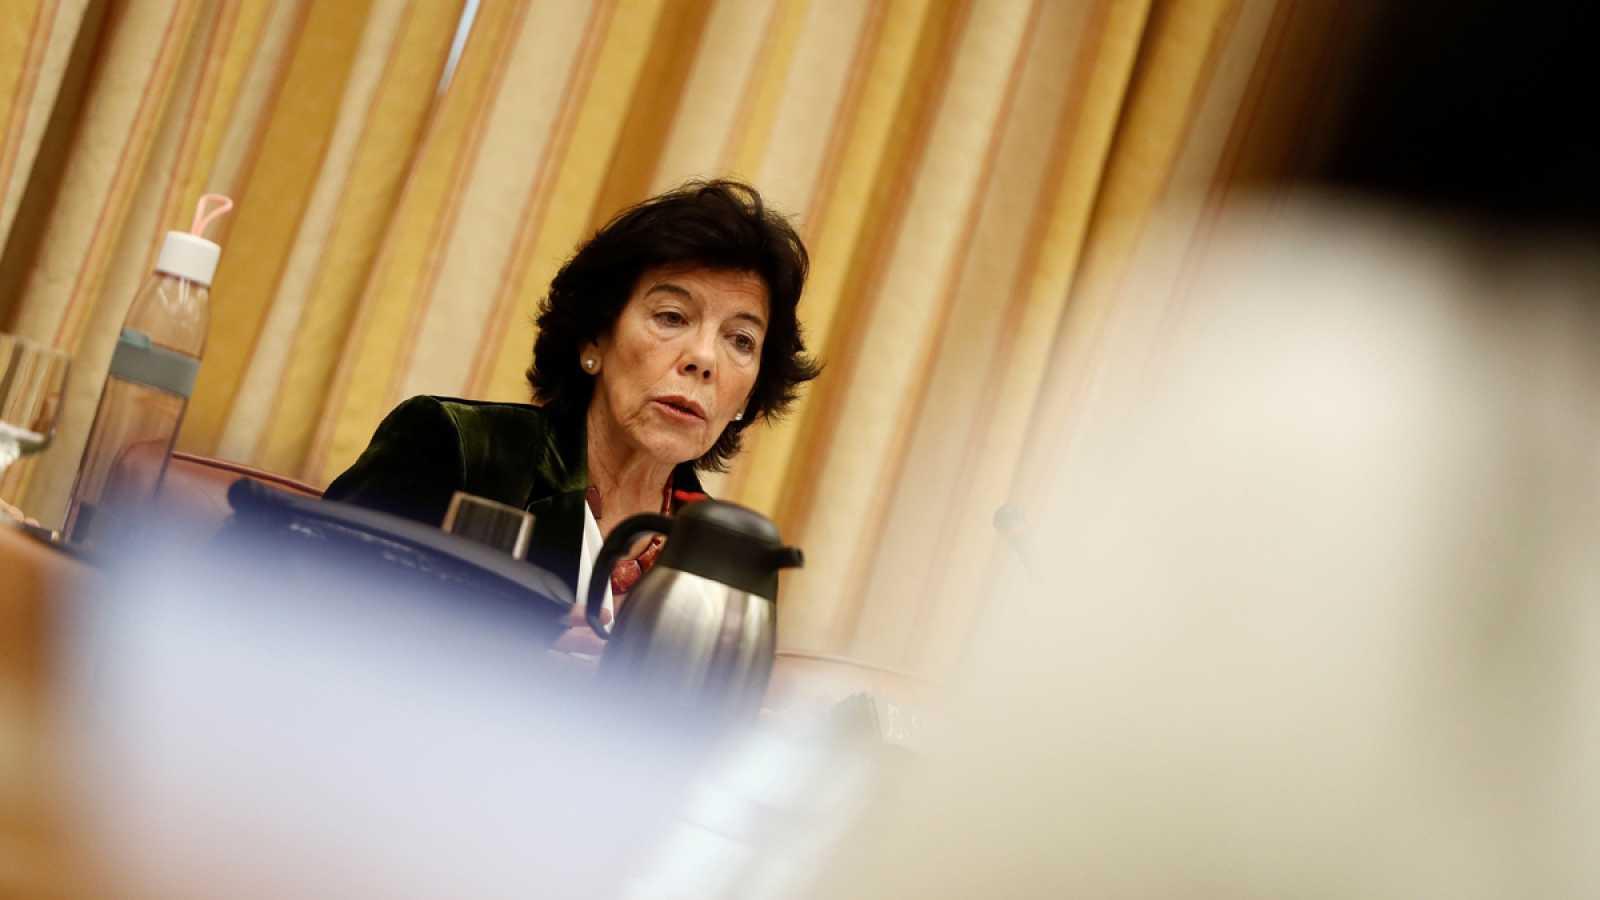 La ministra de Educación, Isabel Celaá, durante su comparecencia en la Comisión del Congreso